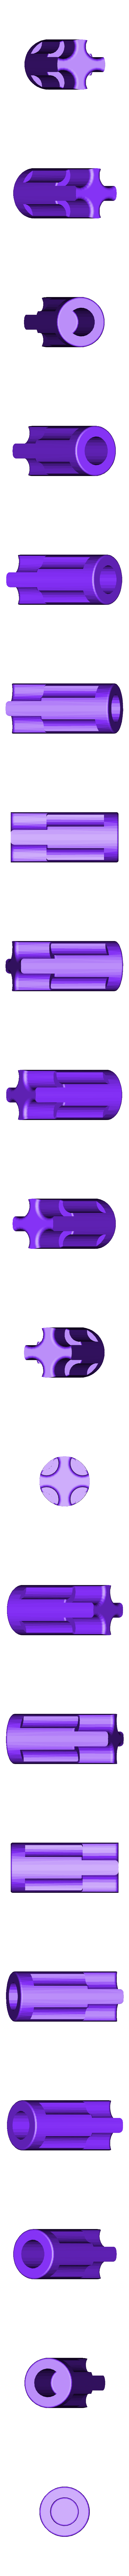 Taranis_lever_V2.stl Download free STL file Taranis lever V2 Filaflex • 3D printing design, touchthebitum